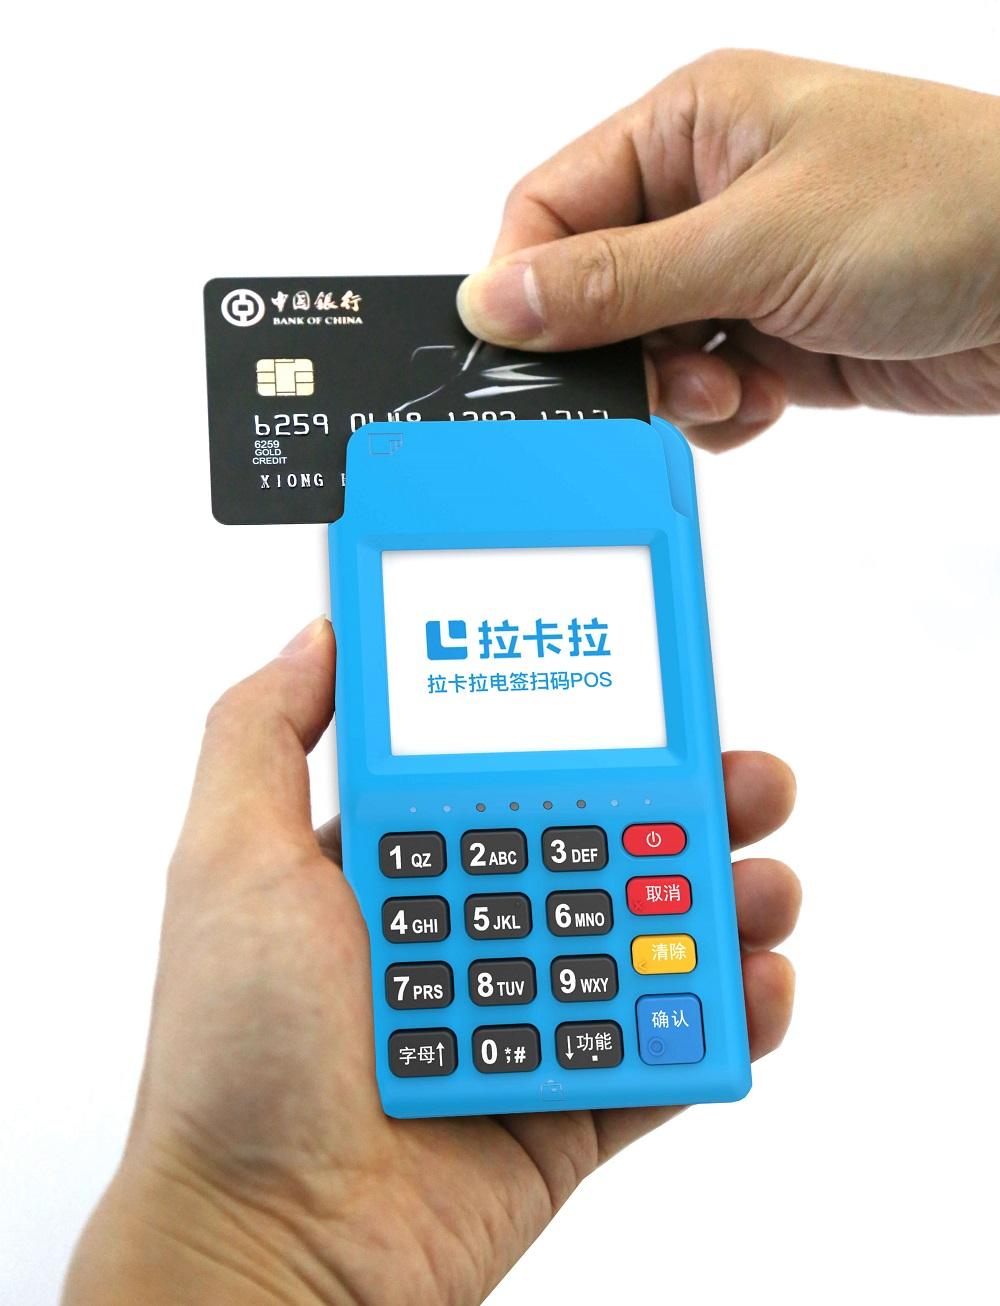 pos机使用中的作死刷卡法